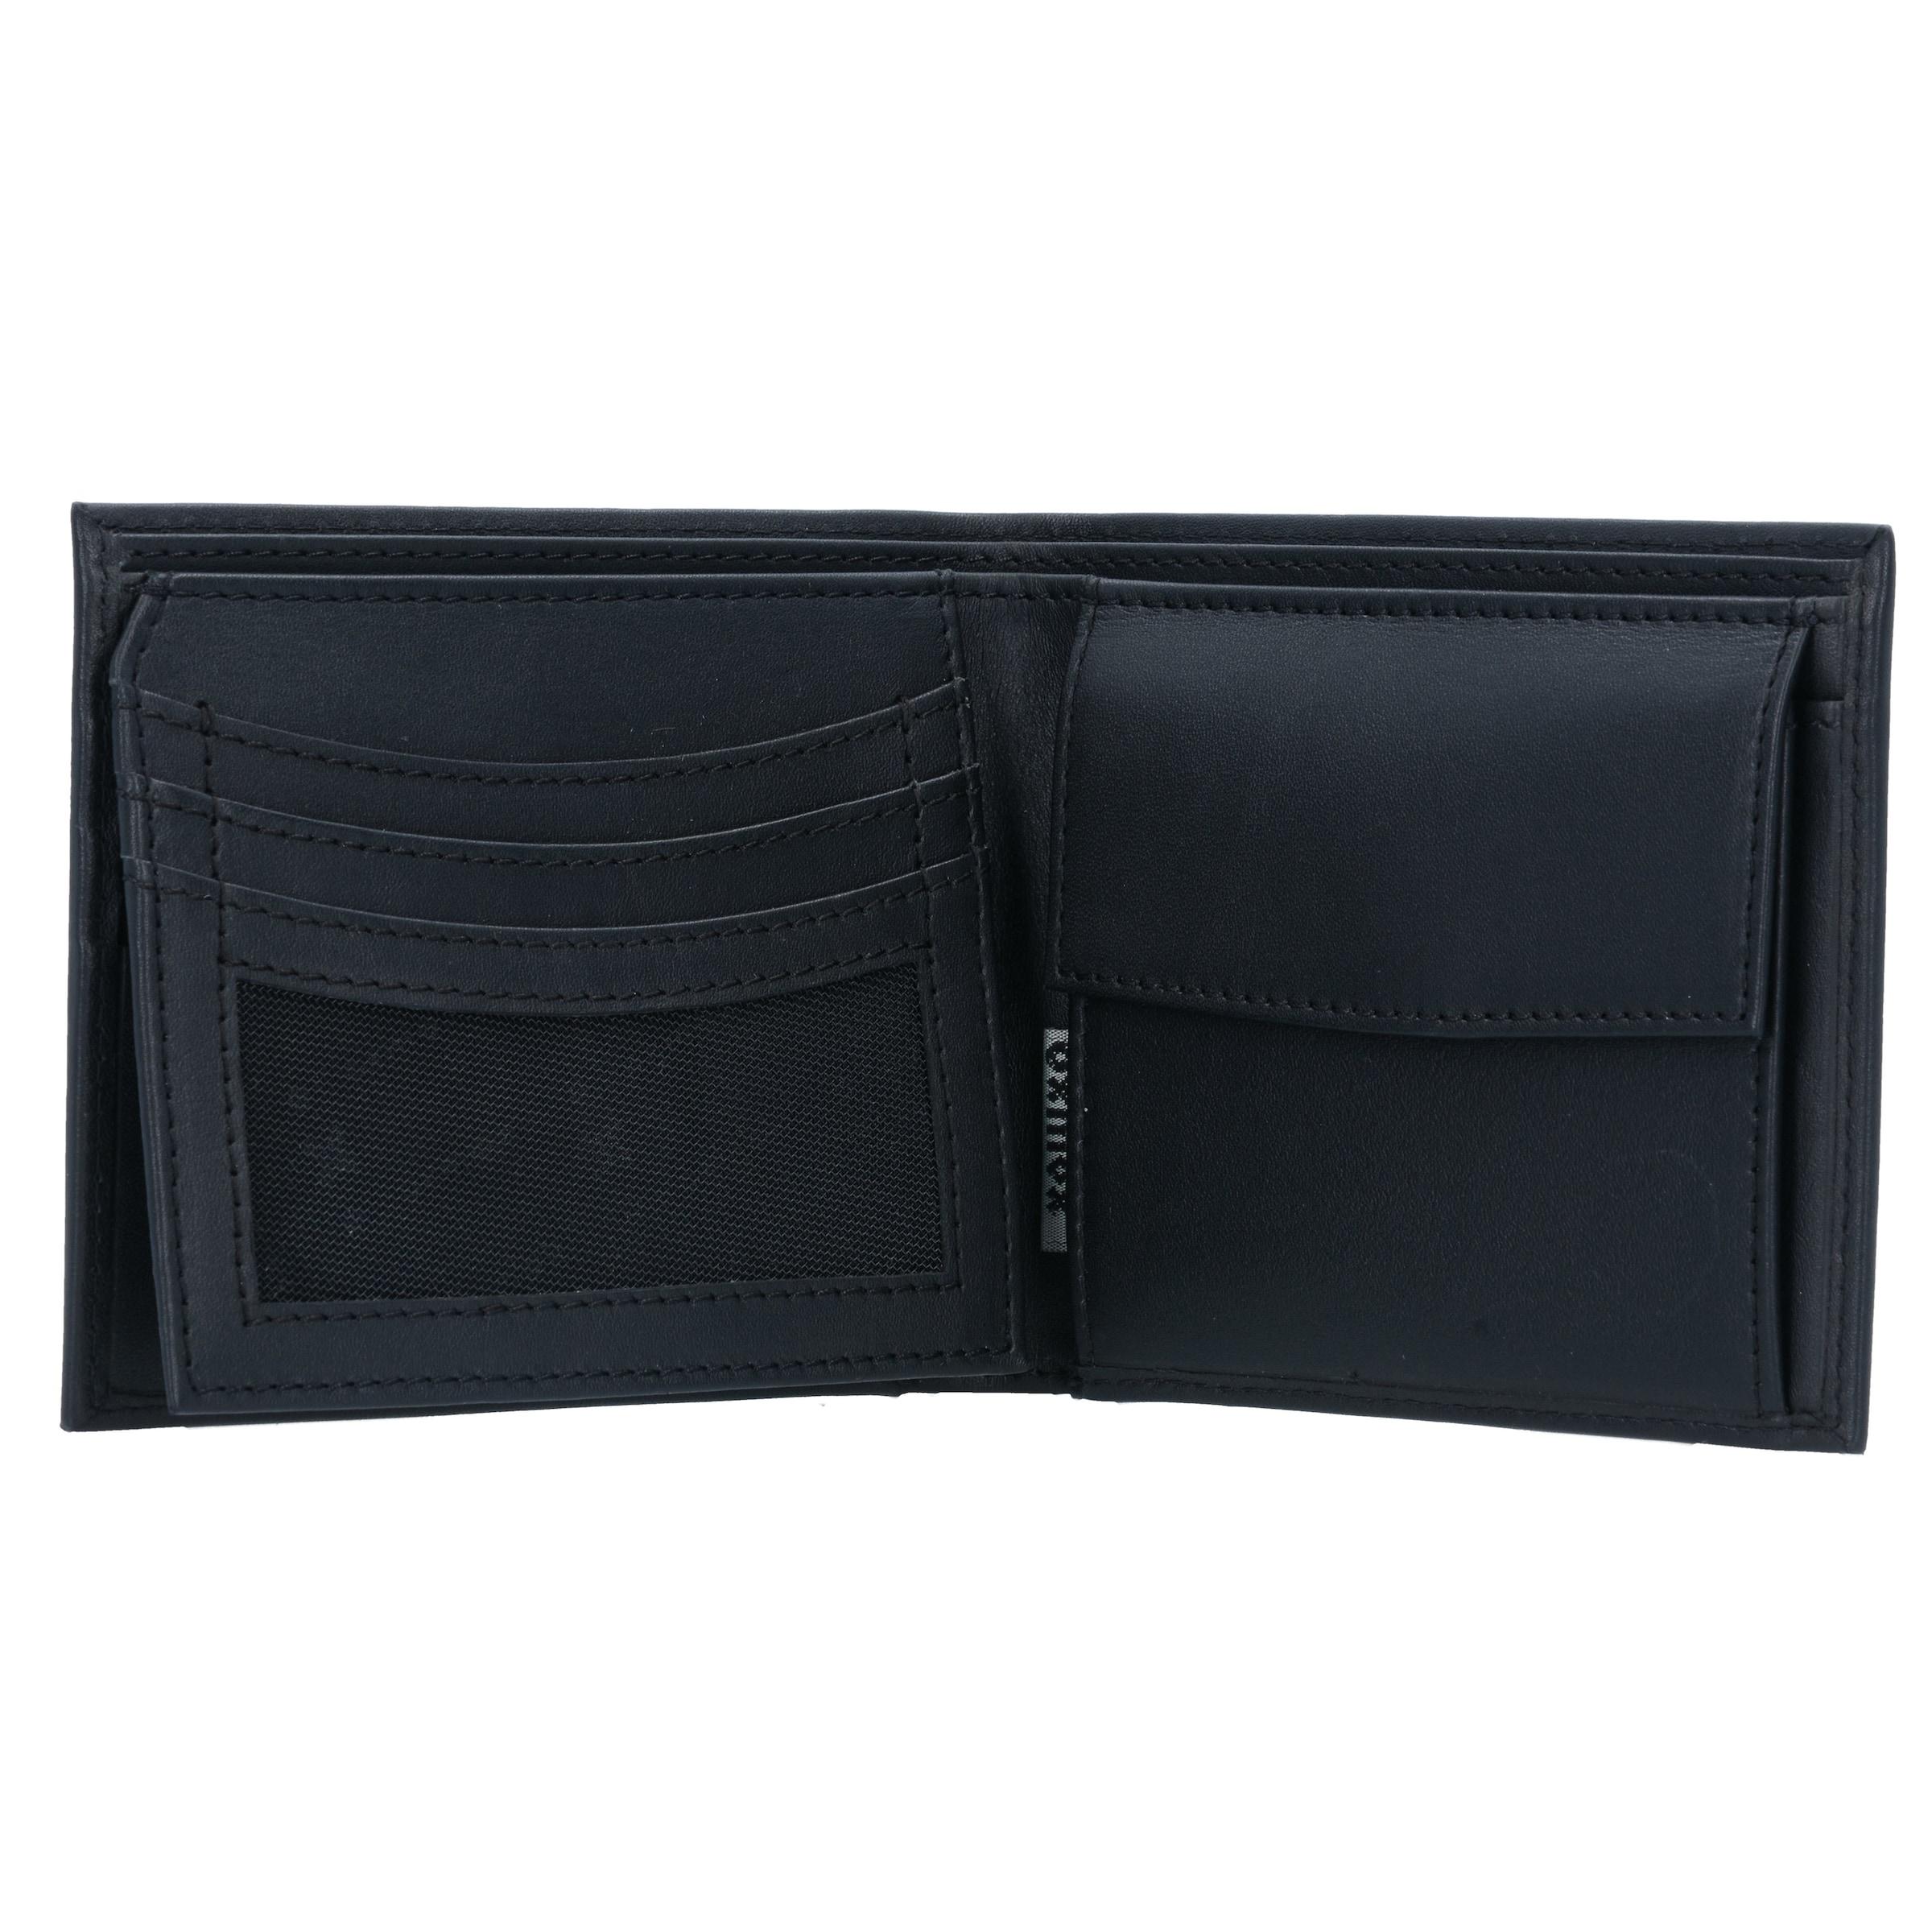 Porte Oxmox Oxmox Oxmox Porte En En Noir monnaies Noir monnaies 3RL4q5Aj